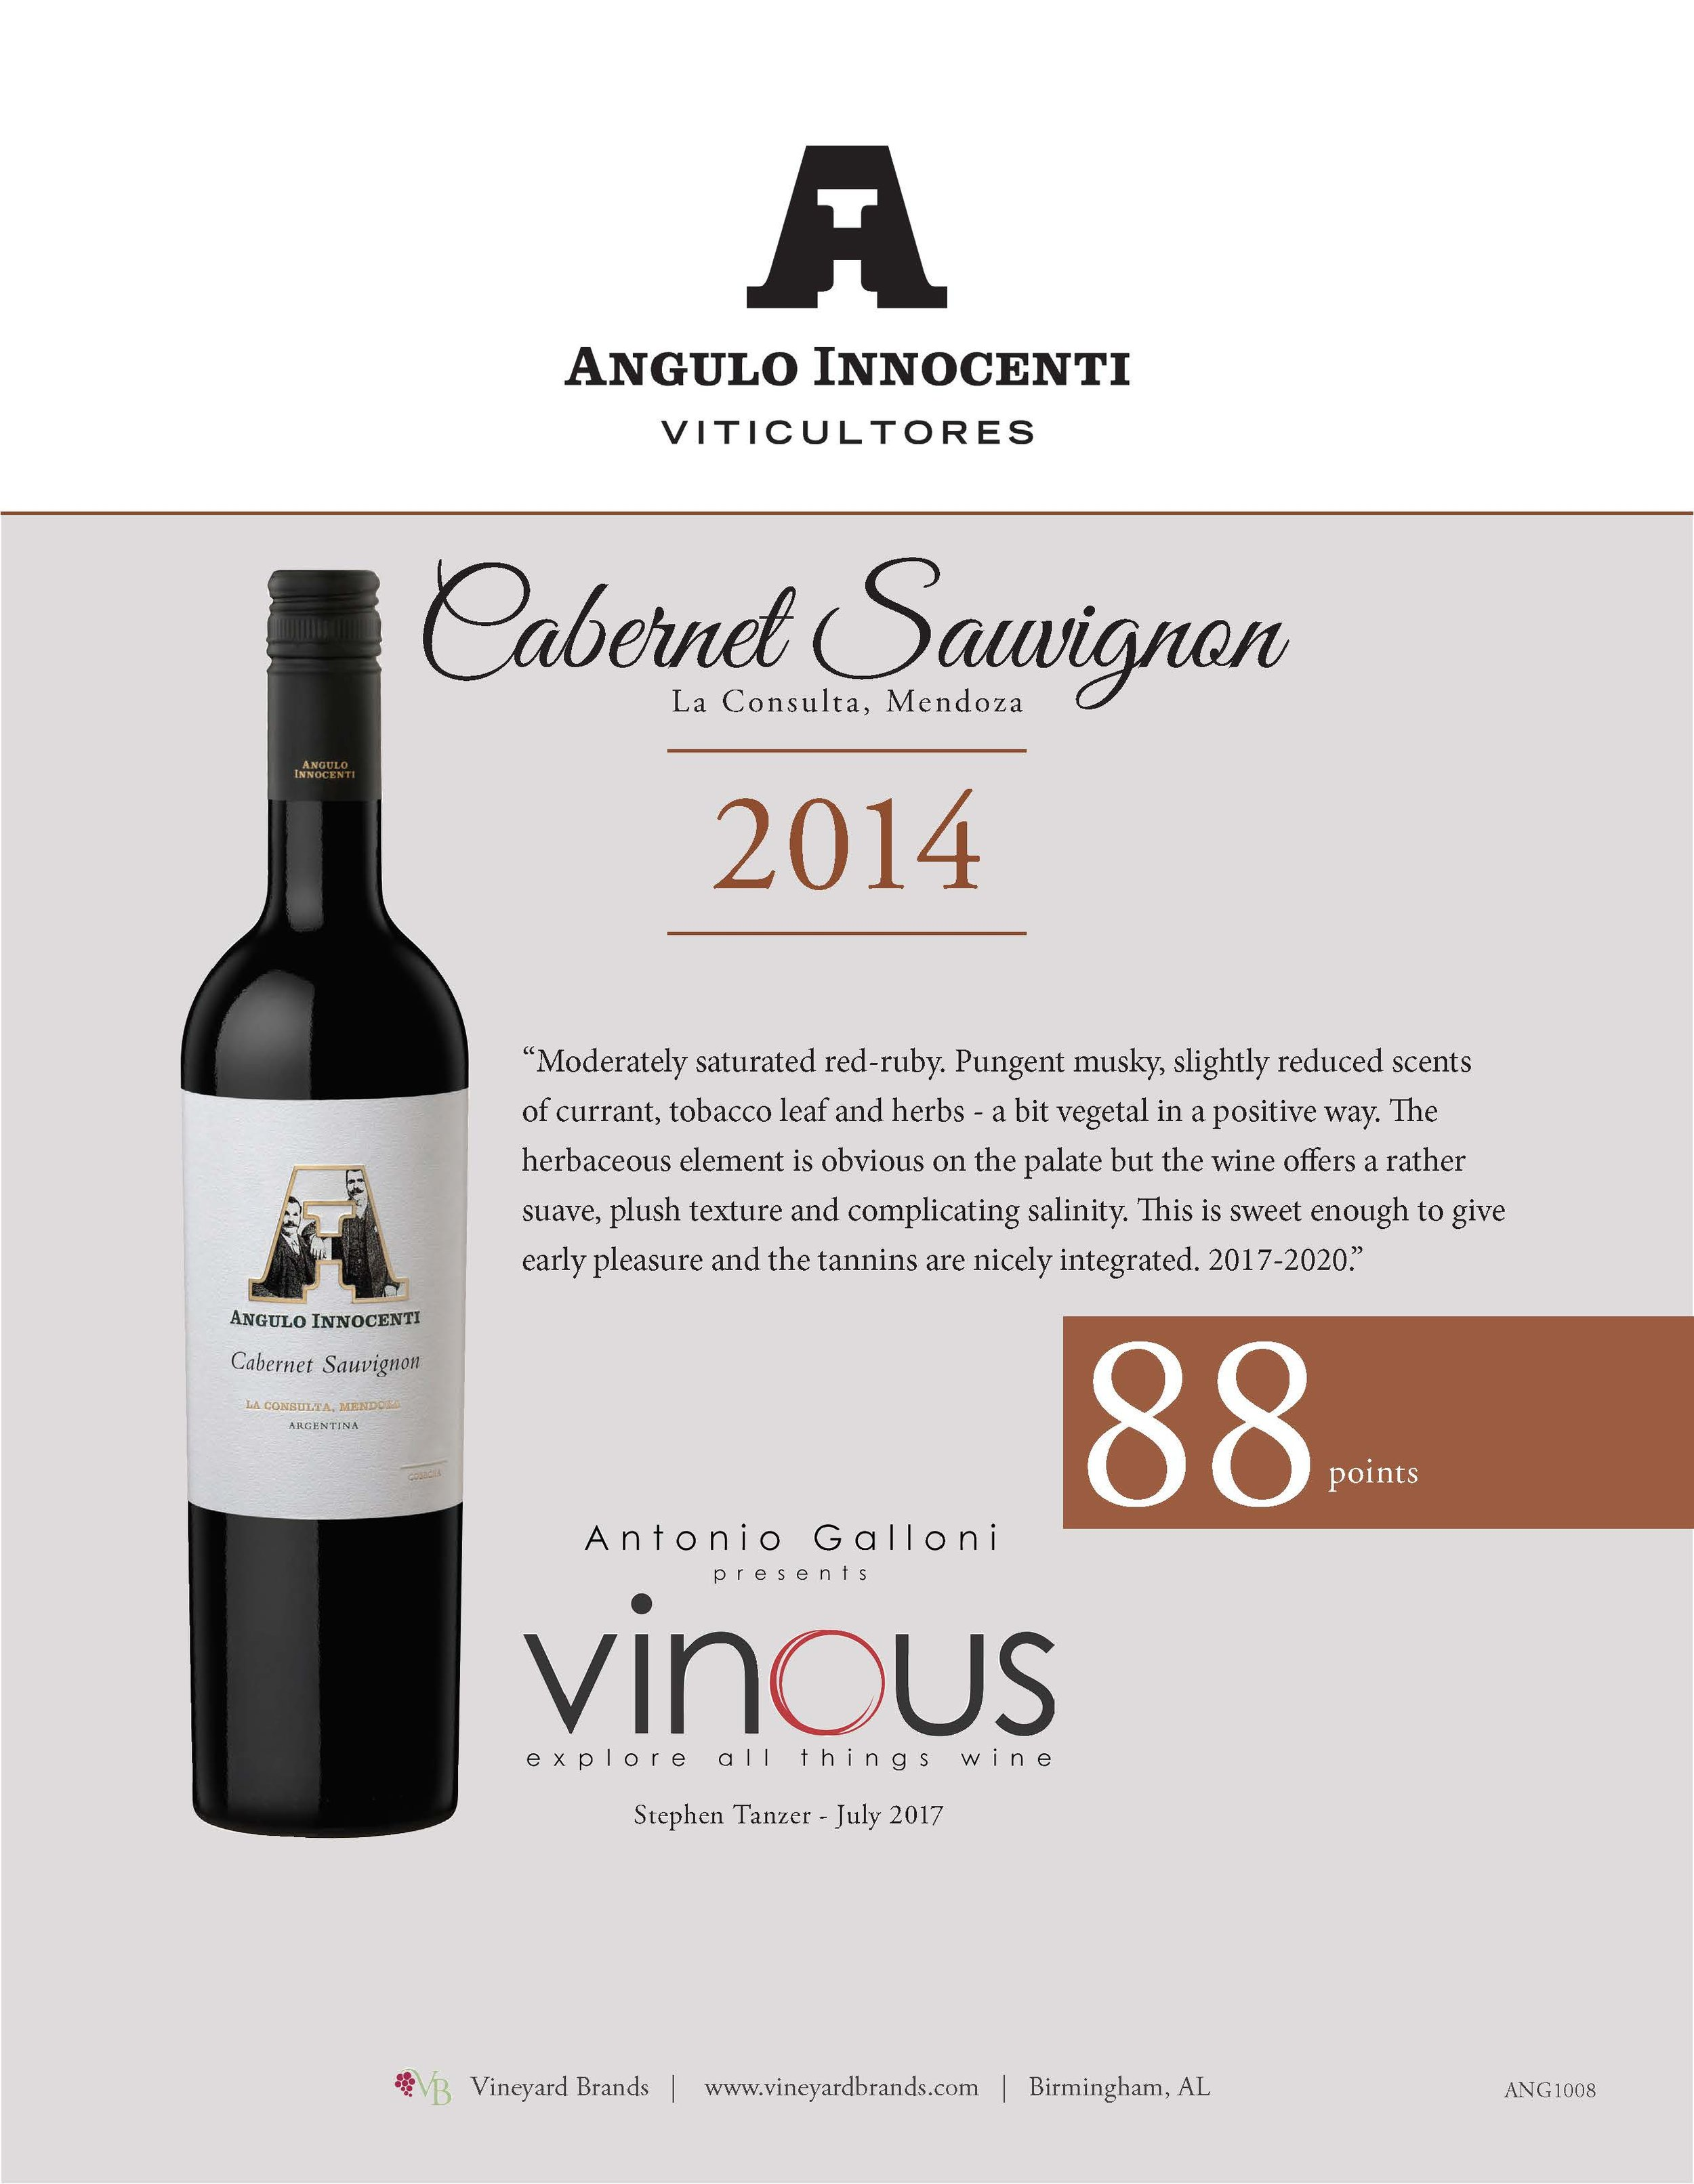 Angulo Innocenti Cabernet Sauvignon 2014.jpg